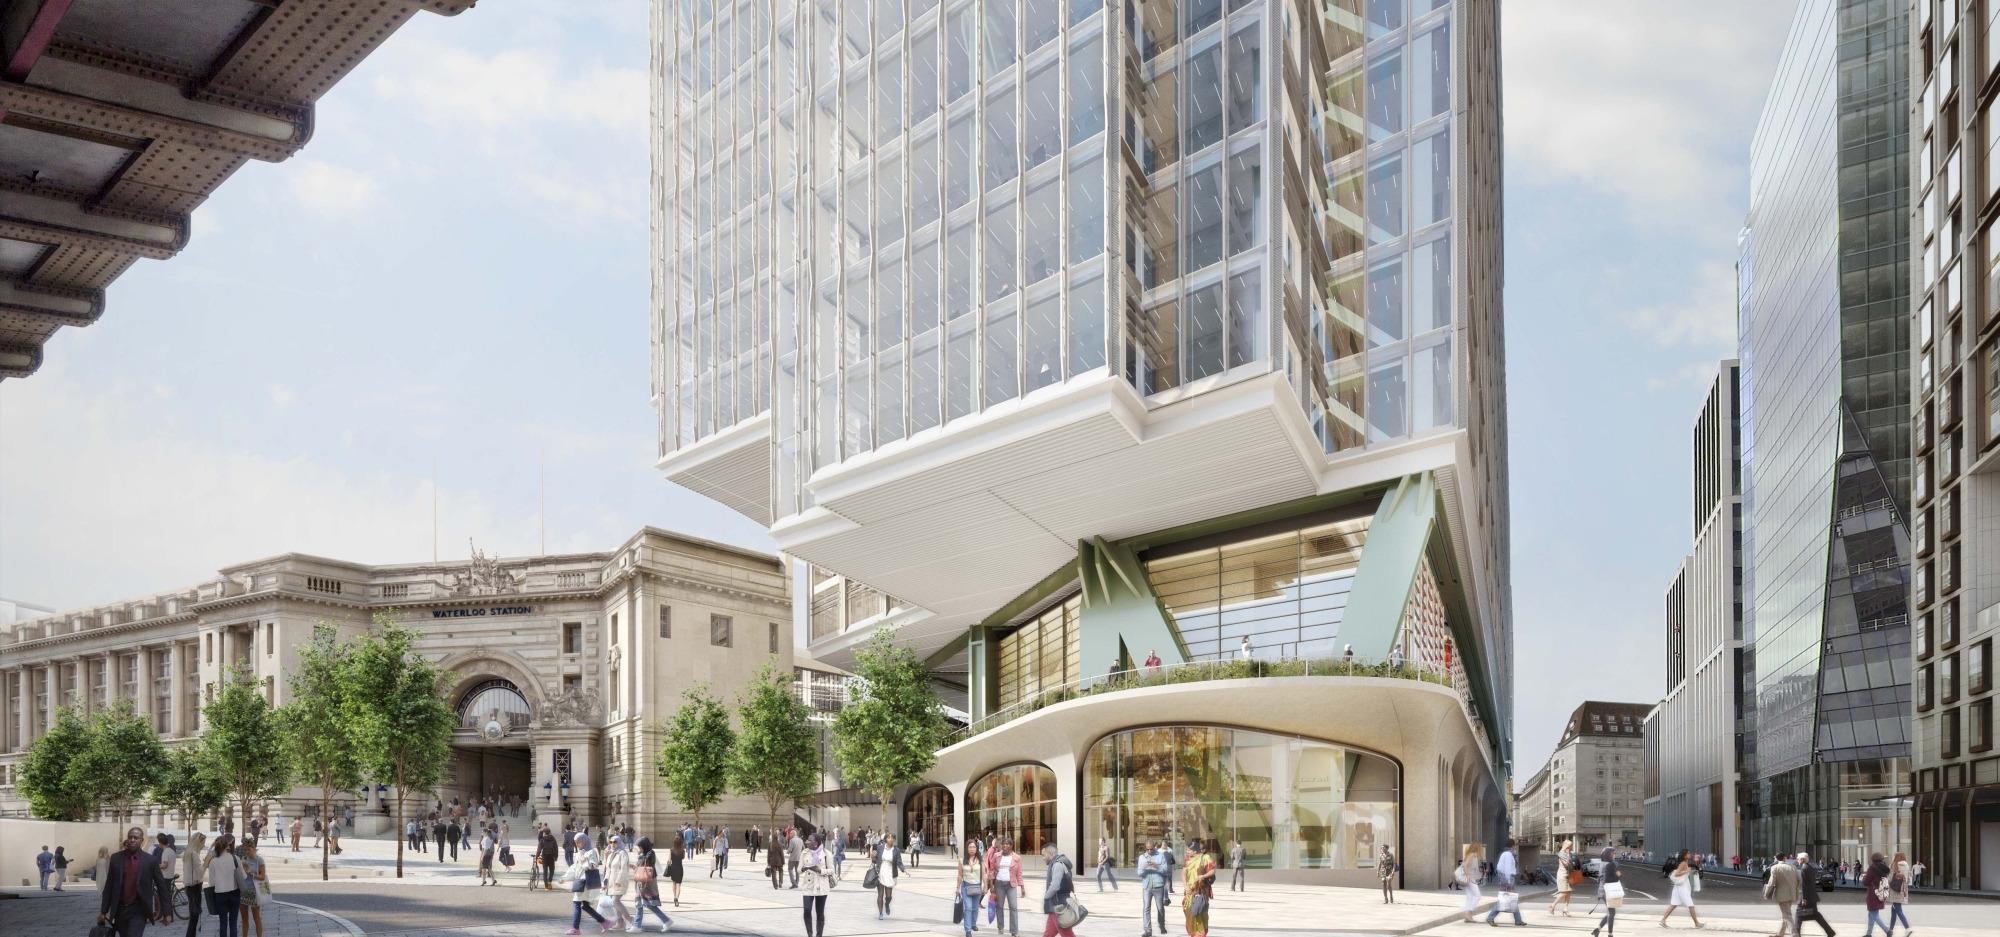 Złożyliśmy wniosek o zgodę na przebudowę Elizabeth House w Londynie